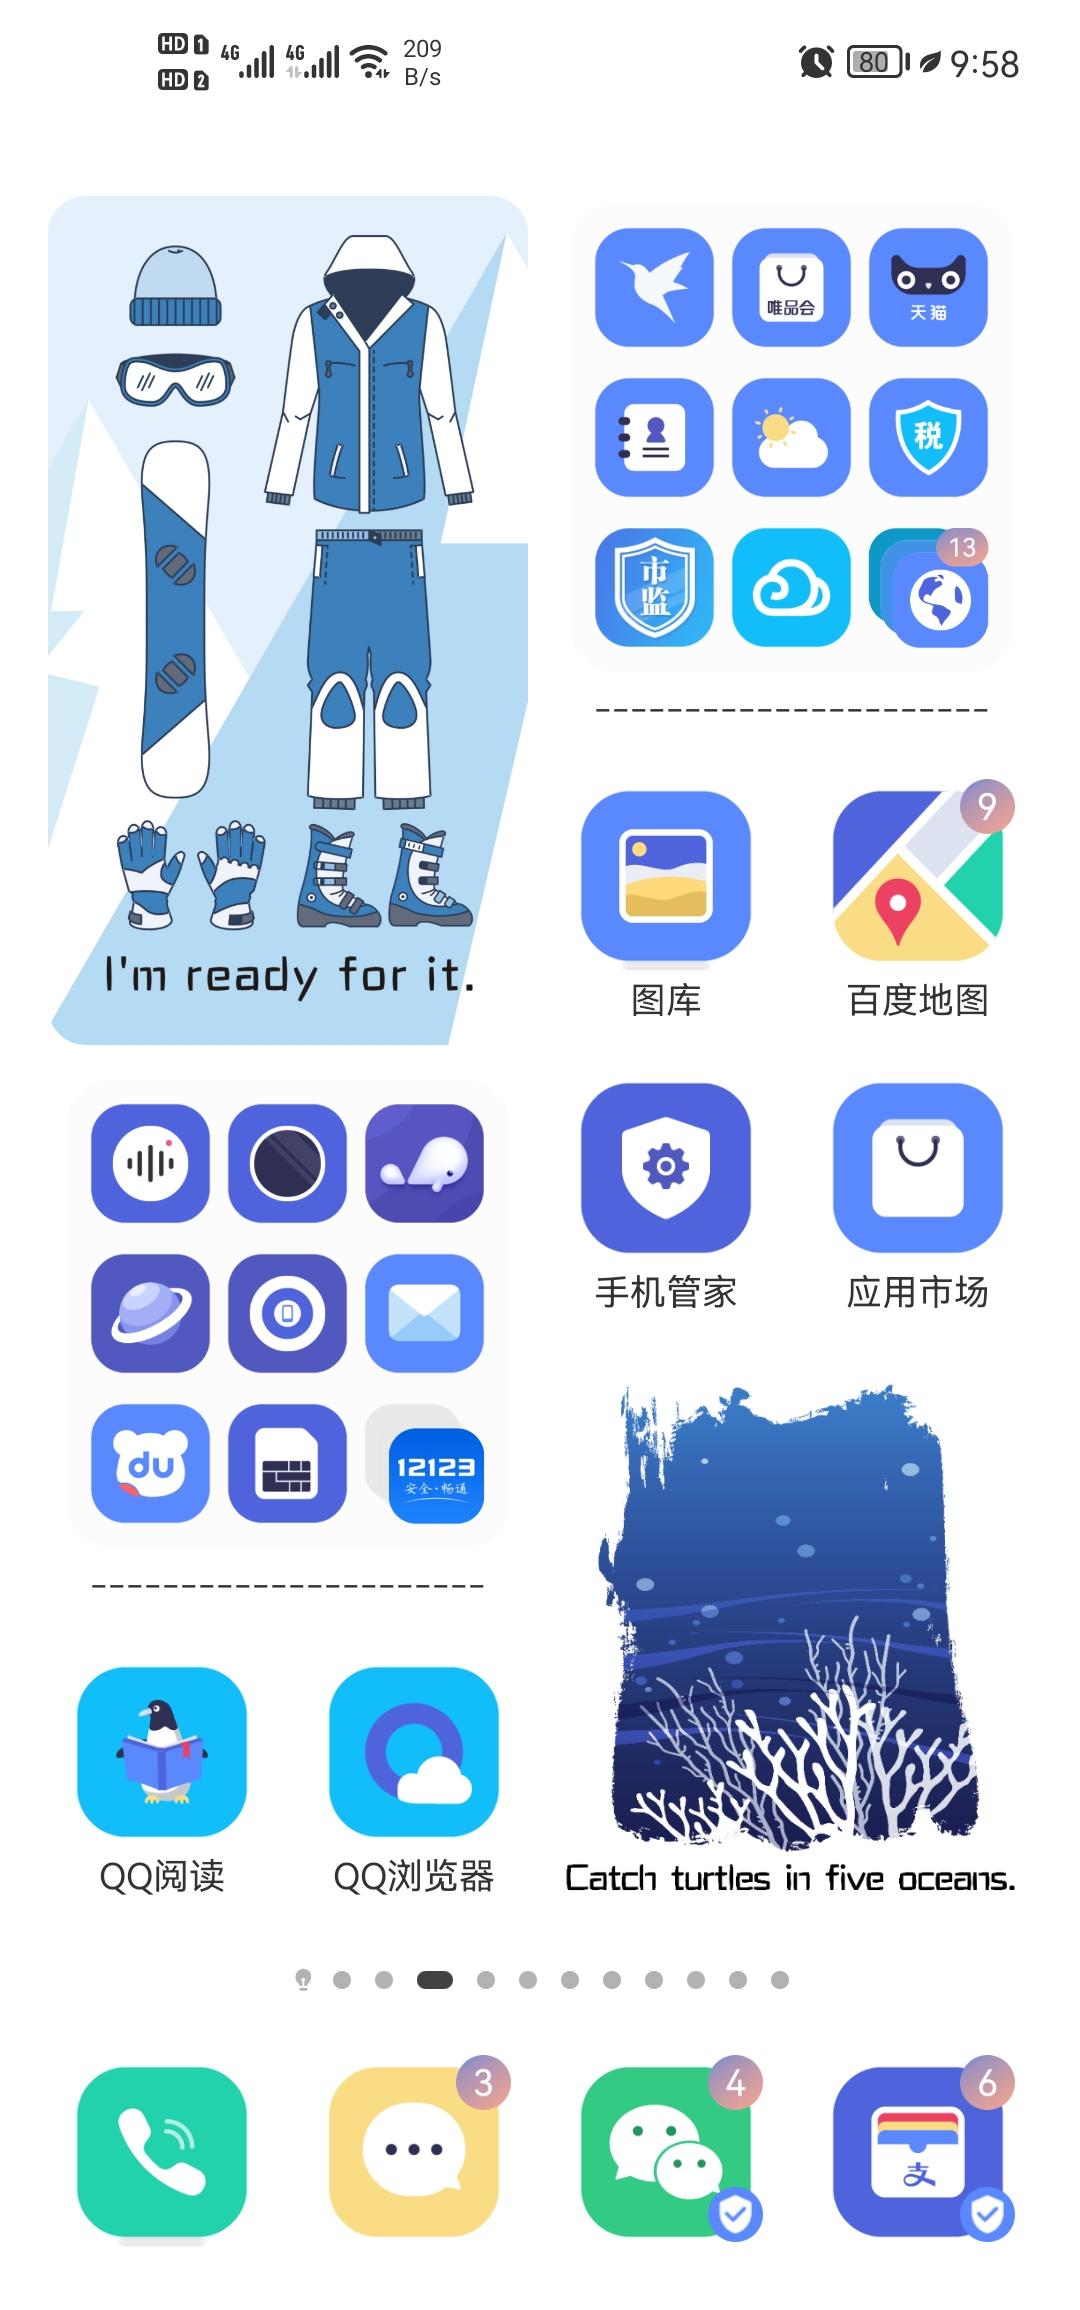 Screenshot_20210803_095859_com.huawei.android.launcher.jpg